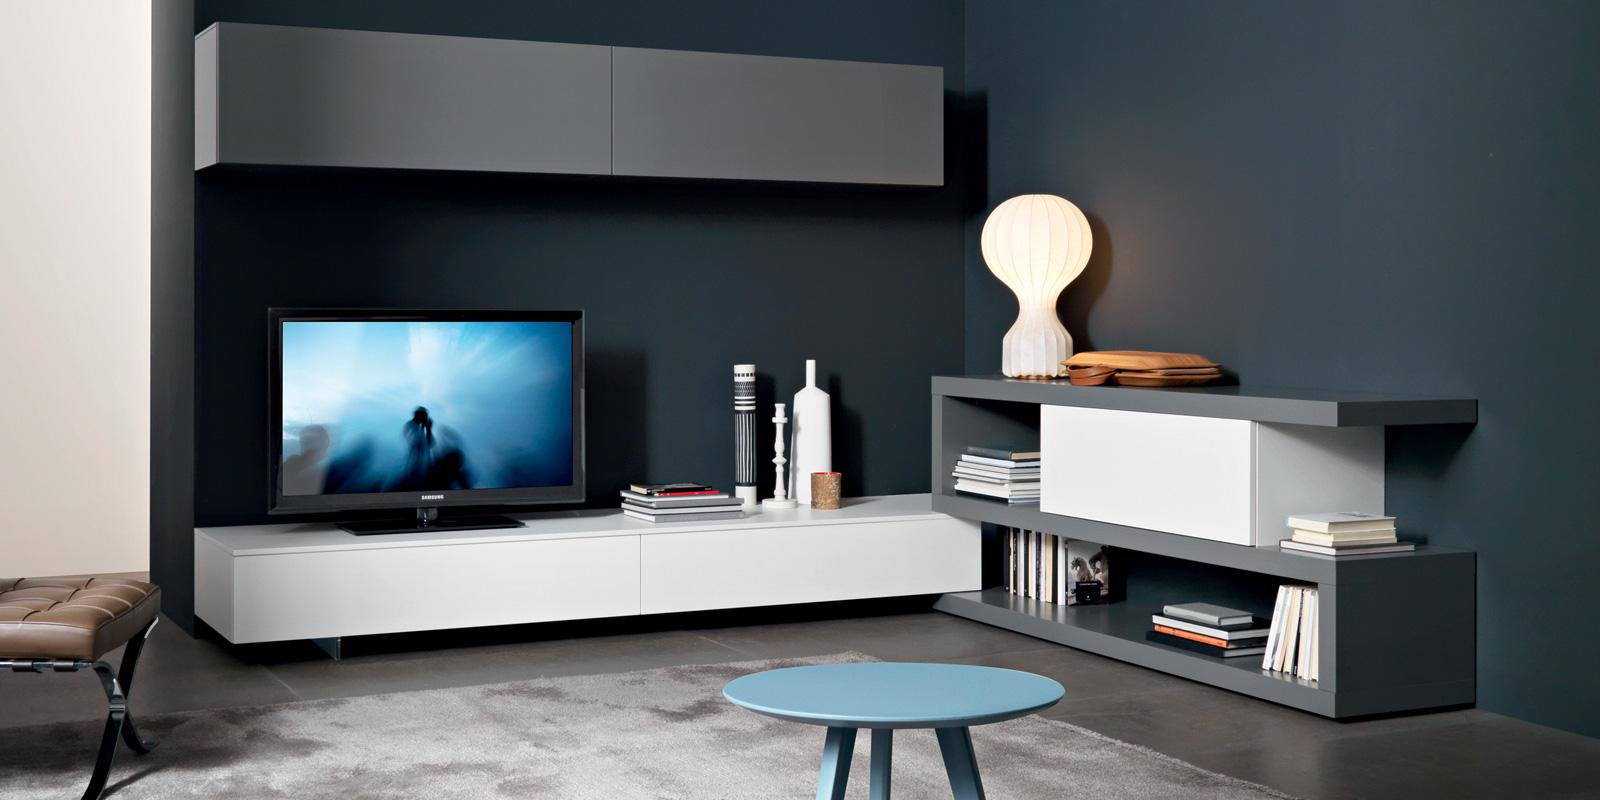 soggiorno Lampo collezione LA CASA MODERNA -L2-23 laccato grigio e bianco composizione ad angolo  .jpg